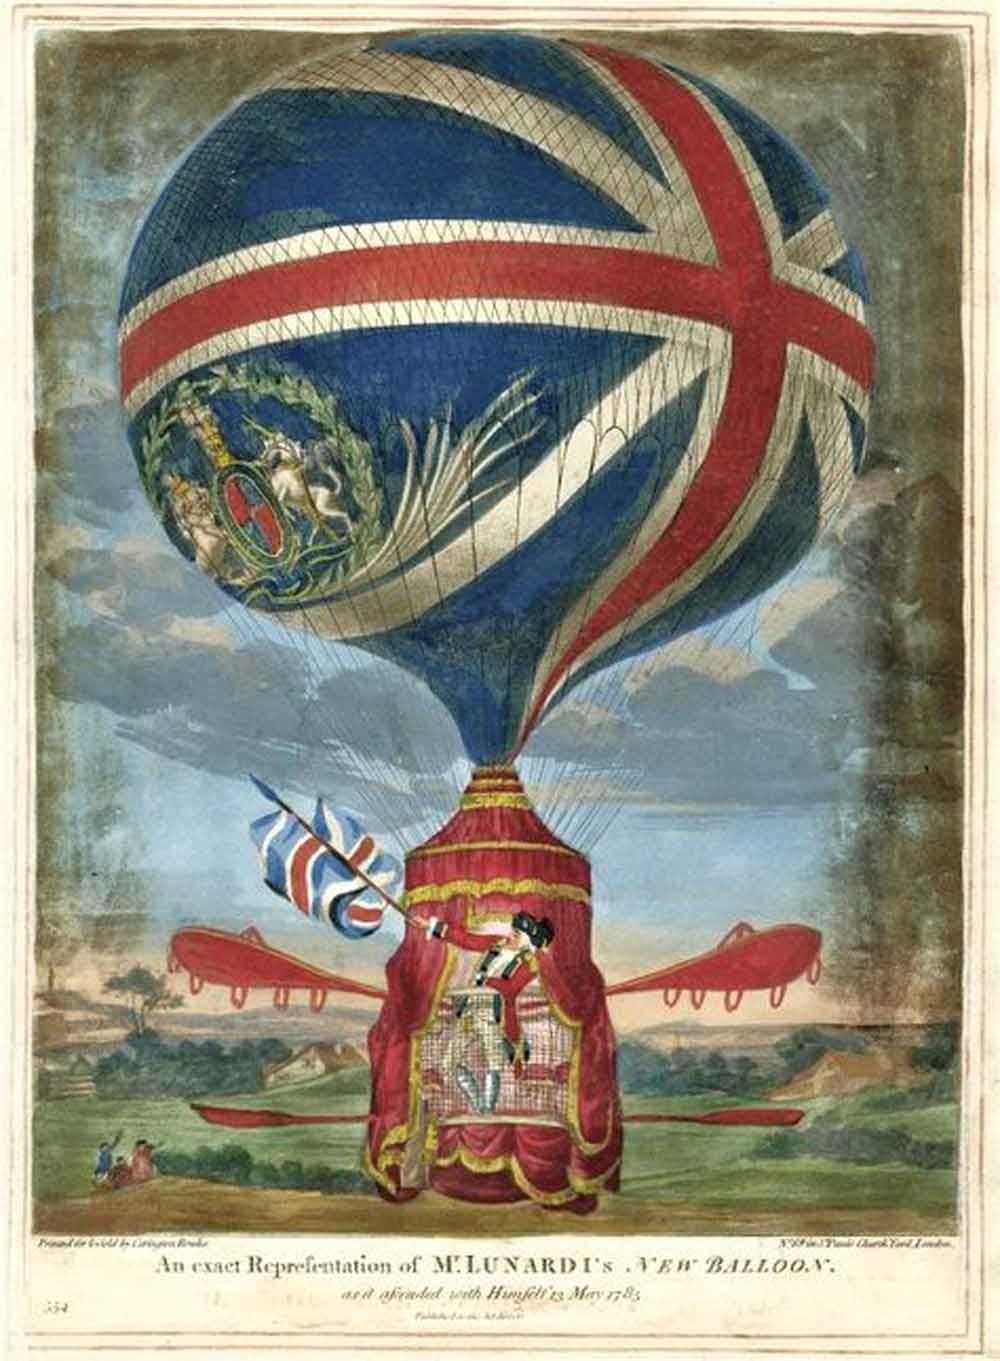 Volgens brexiteers zal de Britse ballon opstijgen wanneer de touwen met de geschiedenis worden losgemaakt en complicaties als zandzakken overboord worden gegooid.